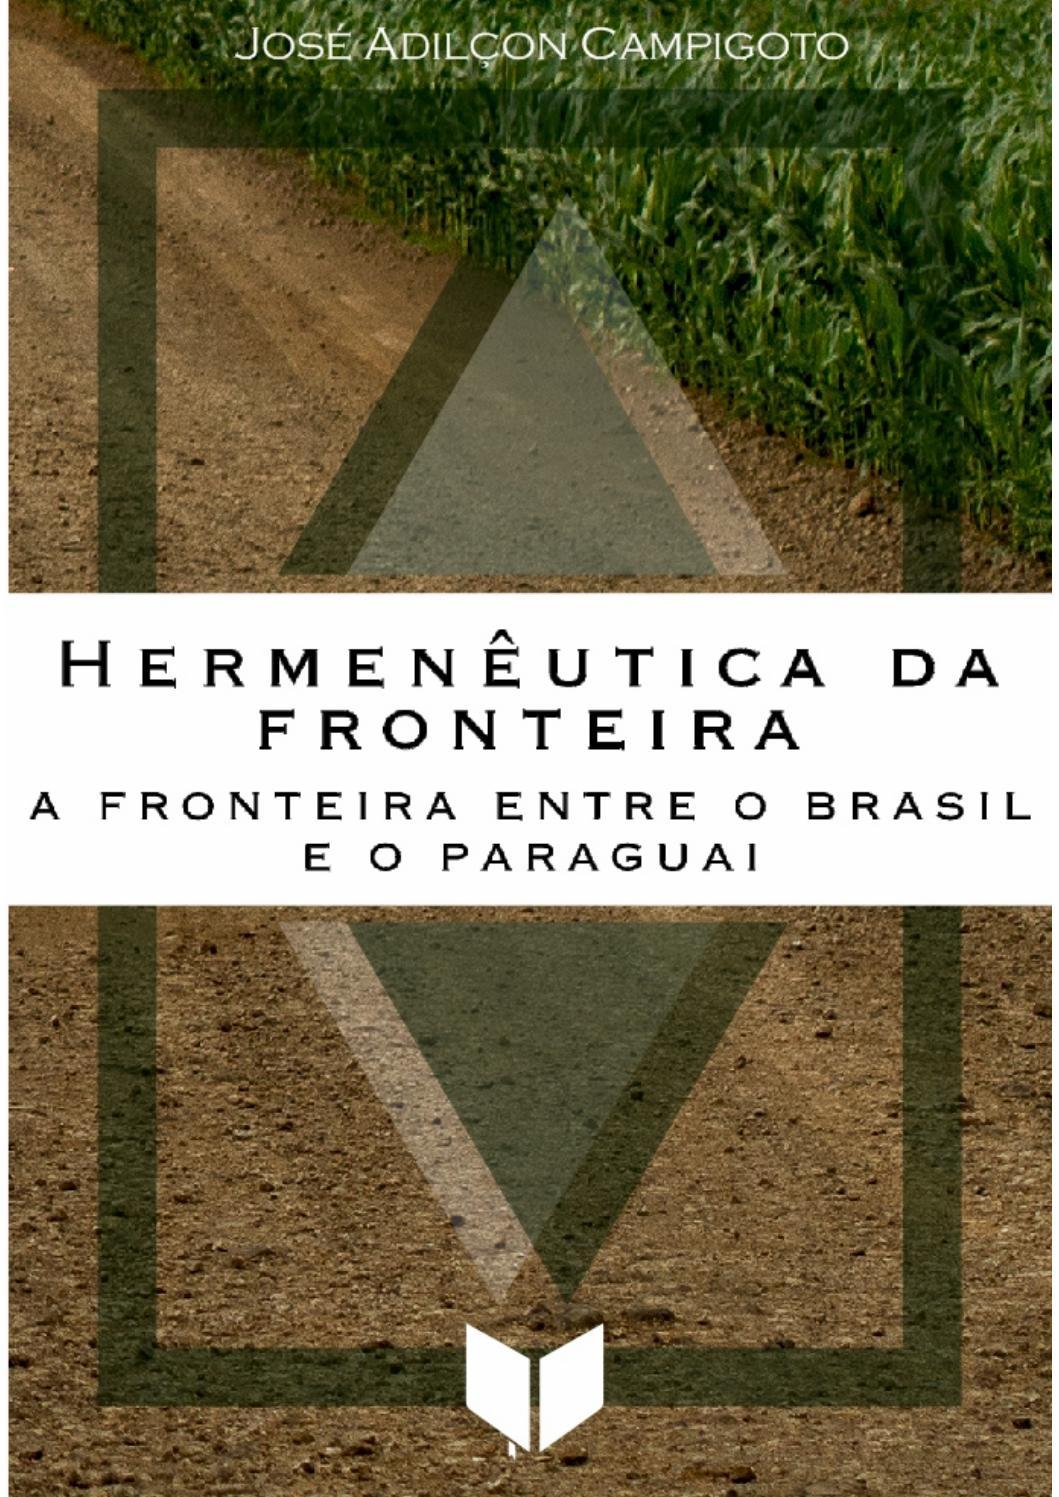 Hermêneutica da fronteira - A fronteira entre o Brasil e o Paraguai, livro de José Adilçon Campigoto